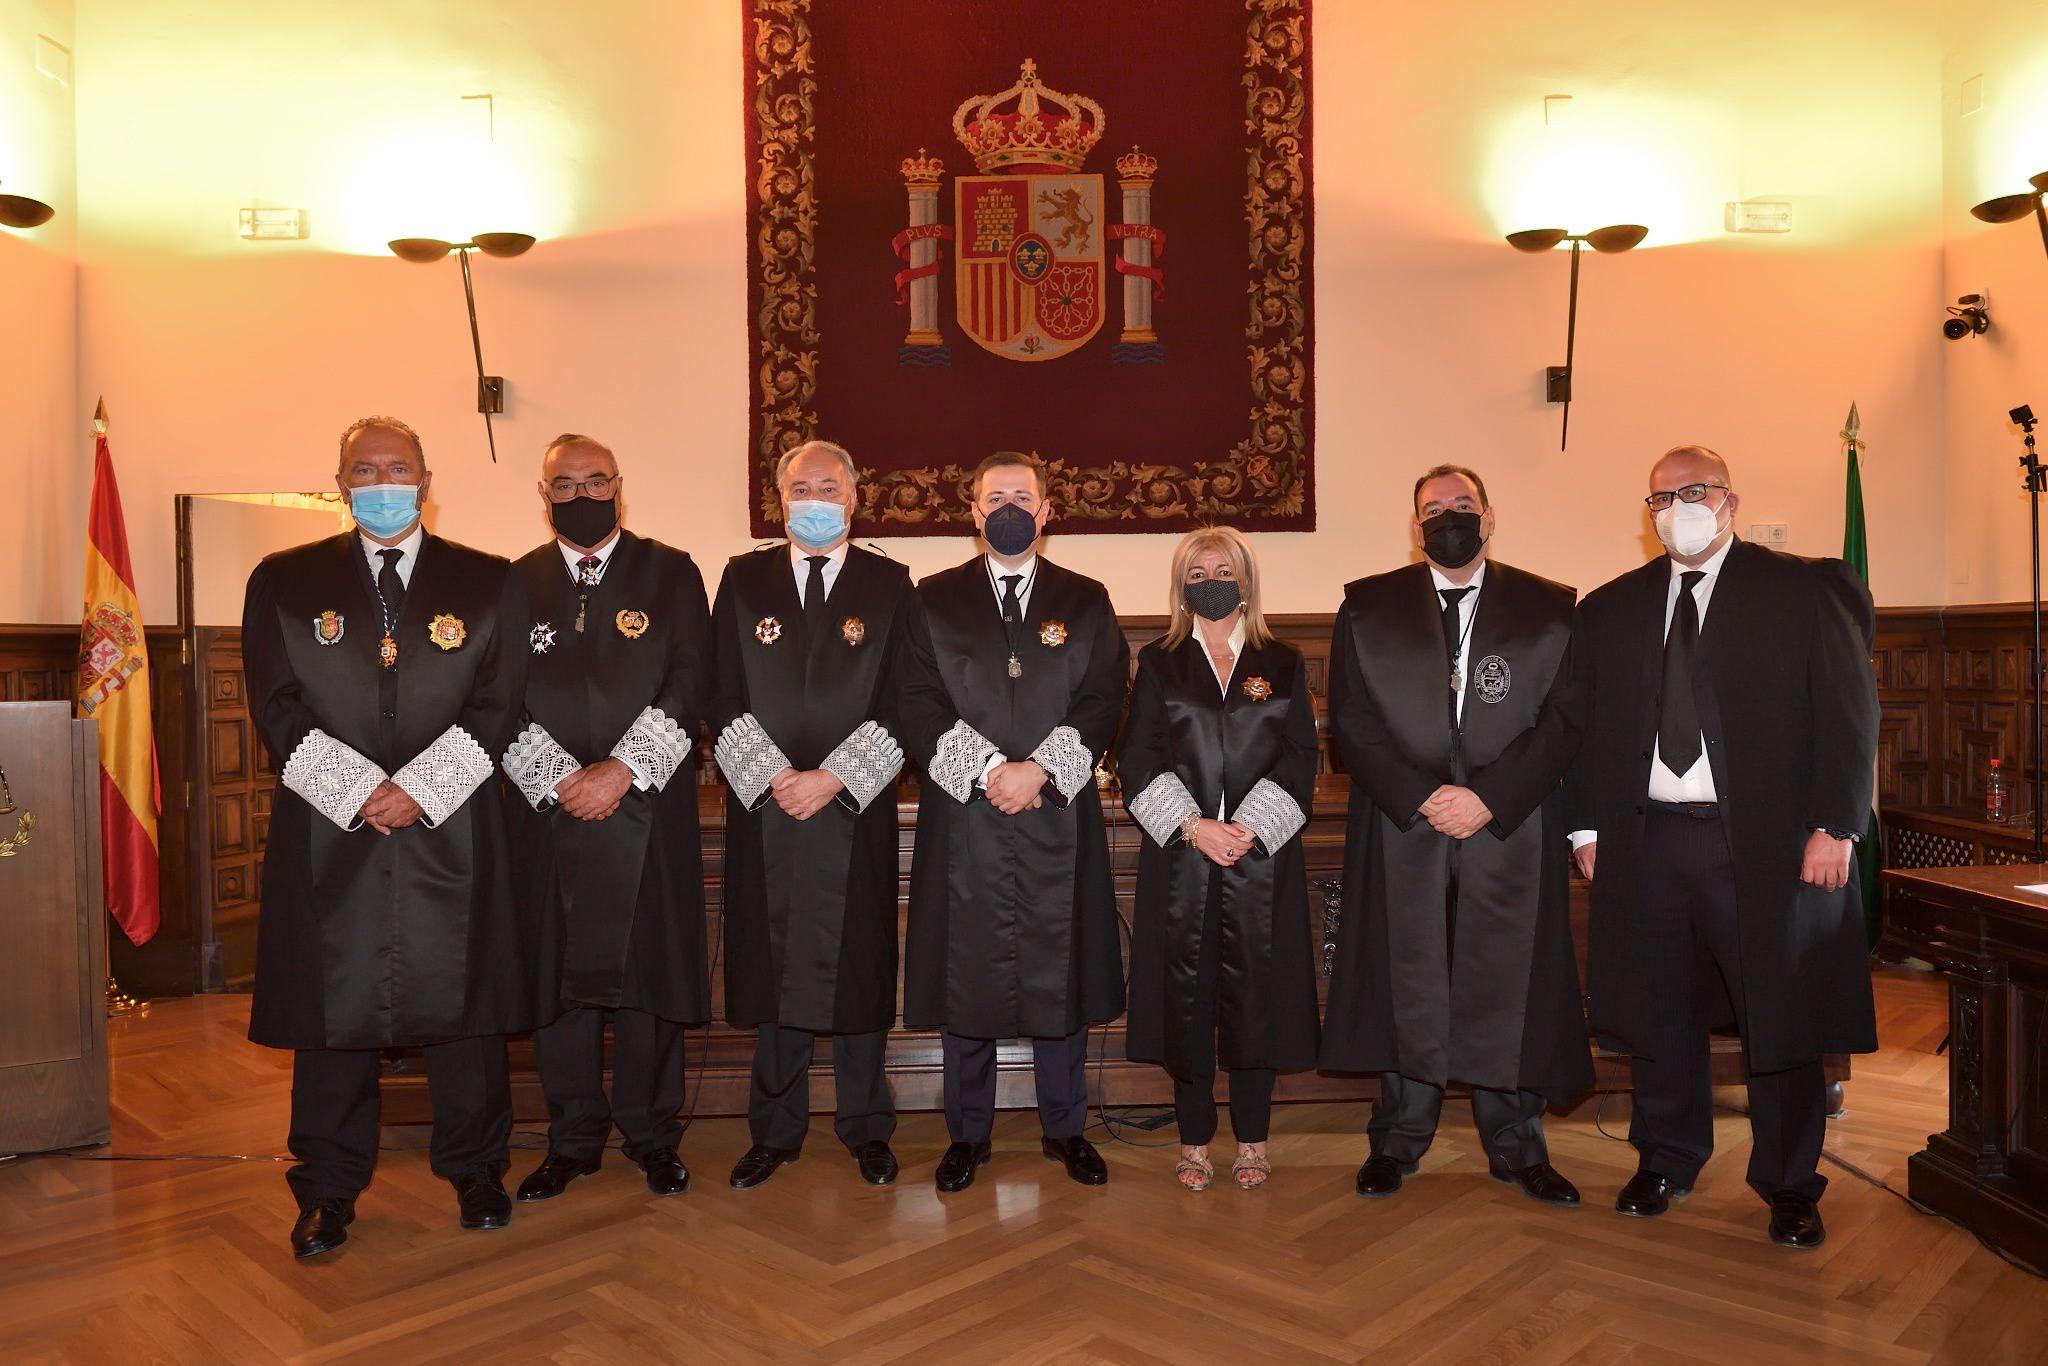 Fotografia Toma Posesión Consejo Andaluz Procuradores 2